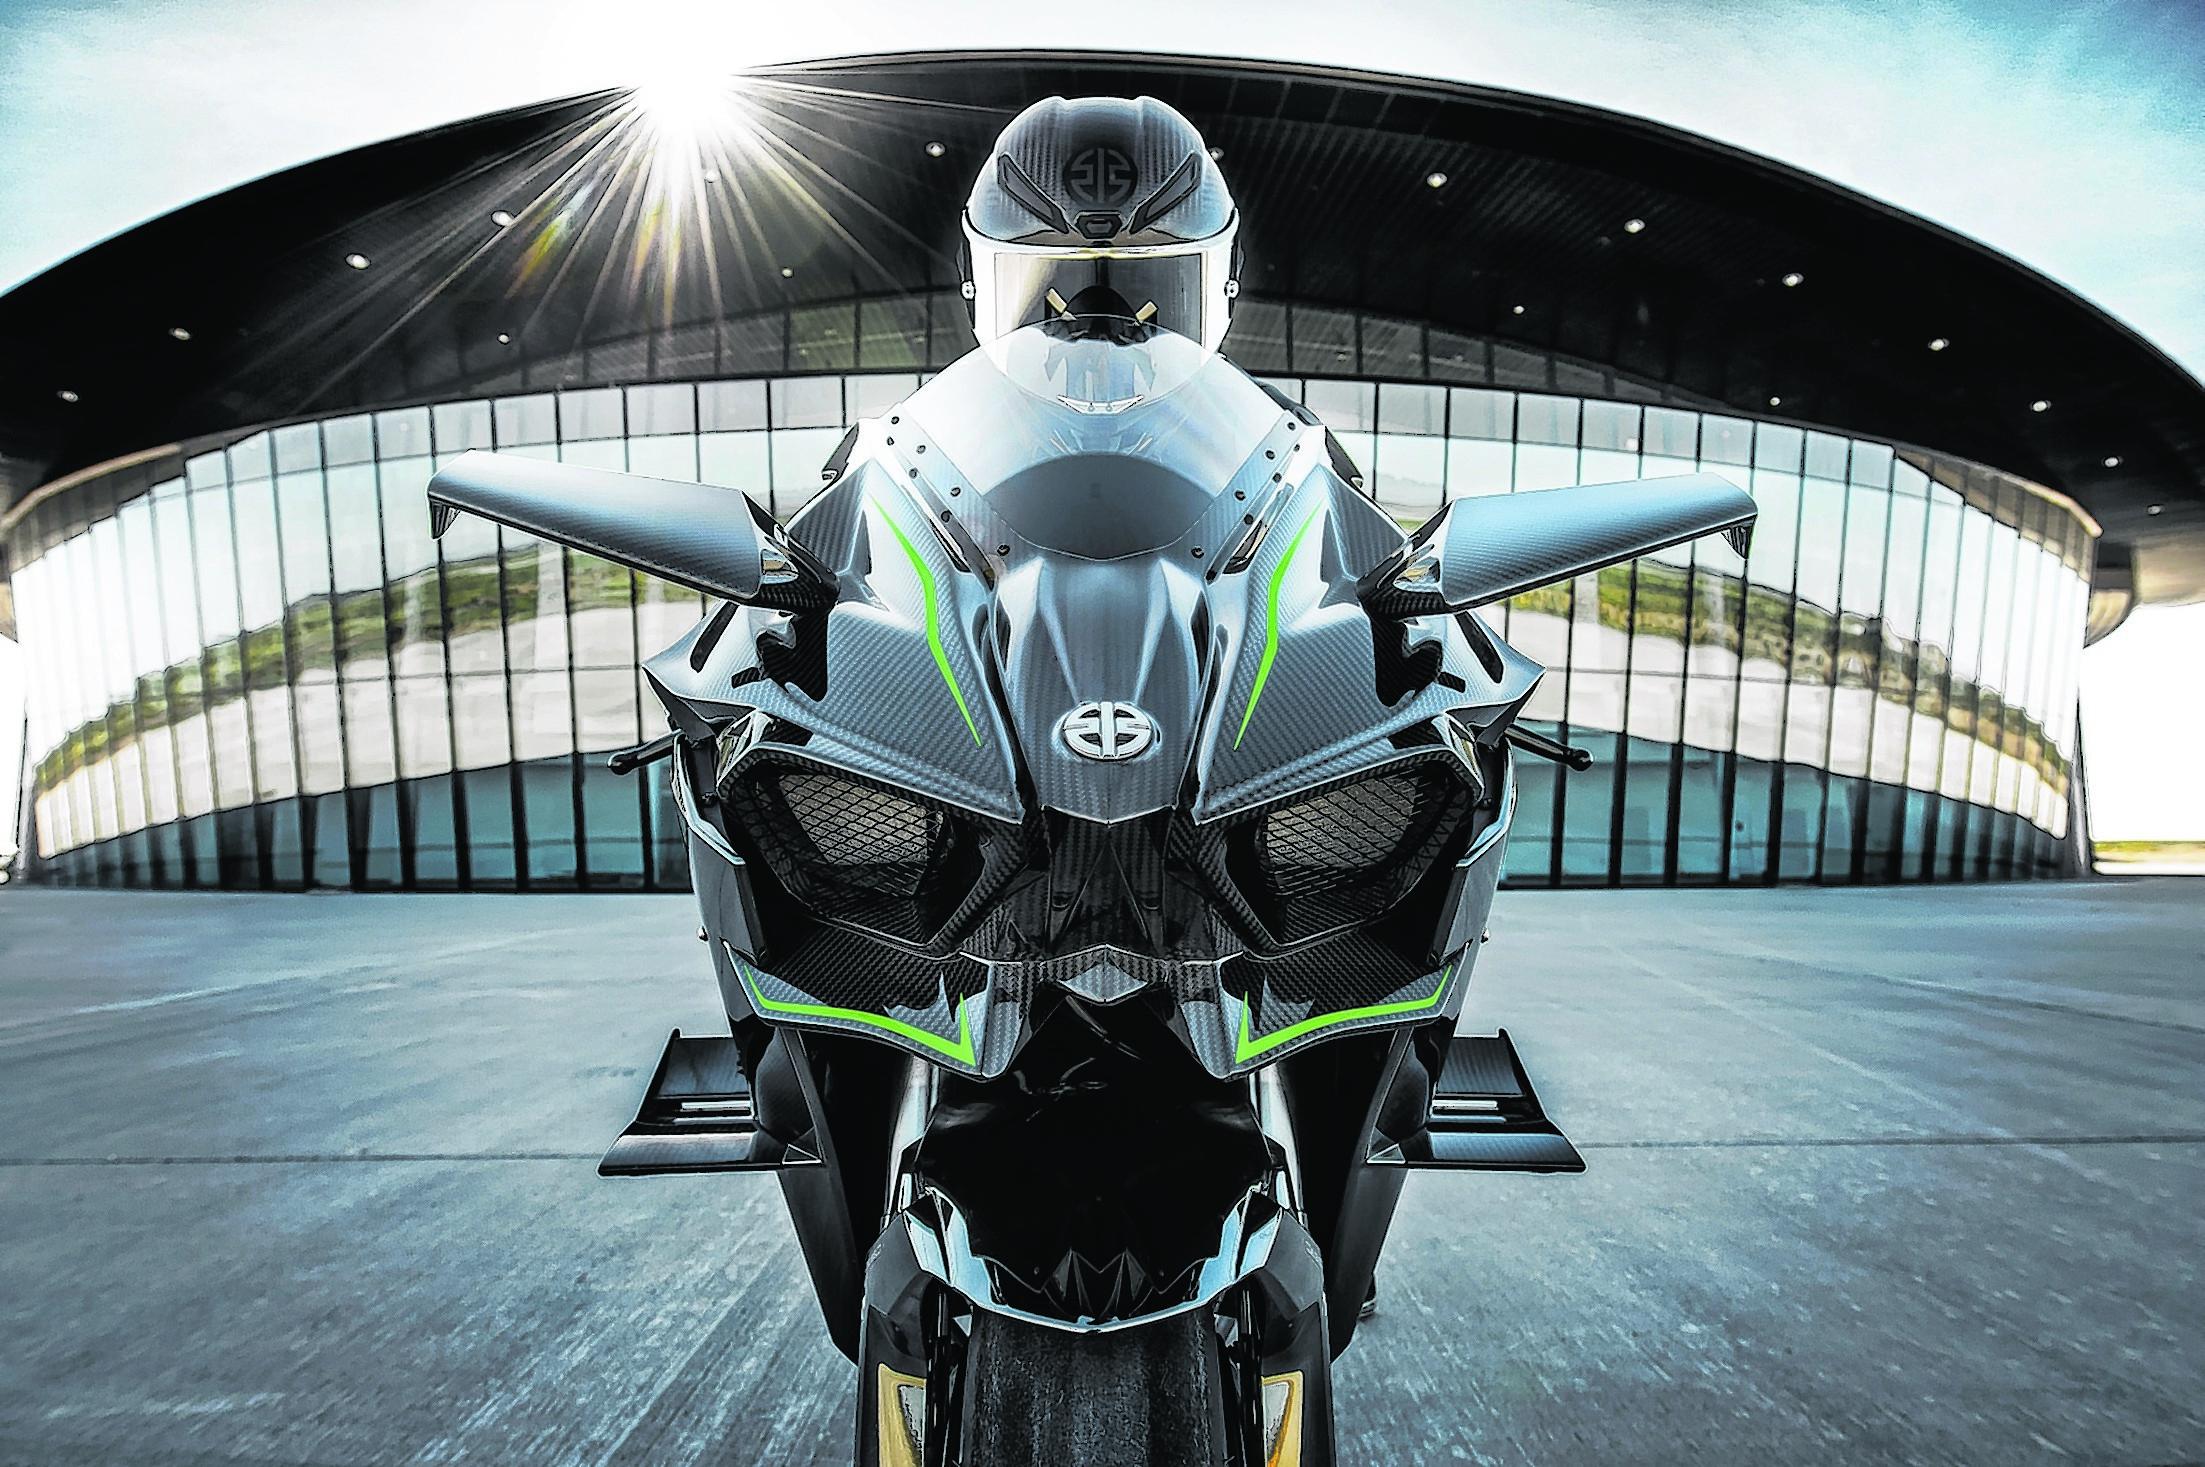 2015 Kawasaki Ninja H2R (H2 R)